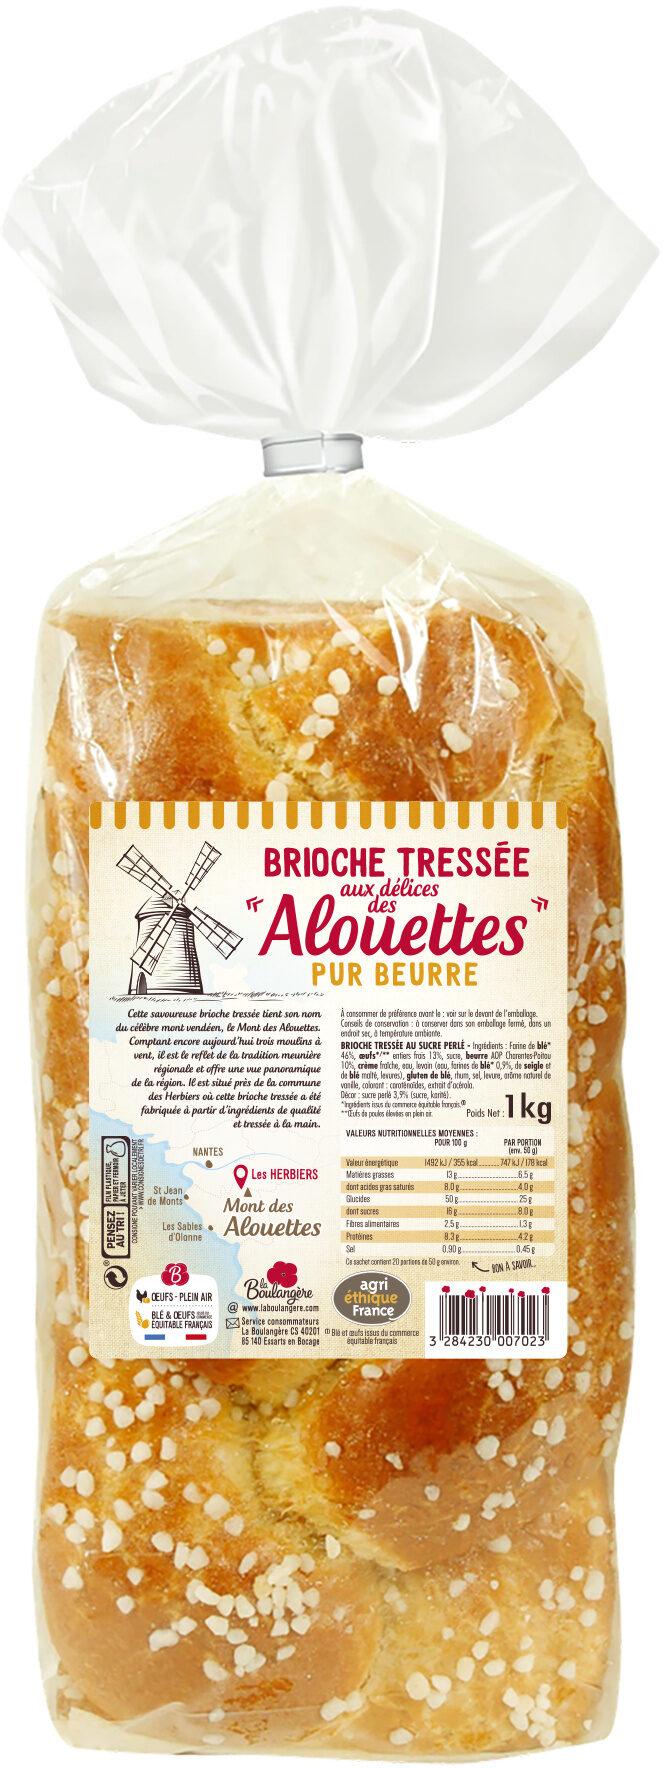 La Boulangère Brioche tressée aux délices des Alouettes - Prodotto - fr